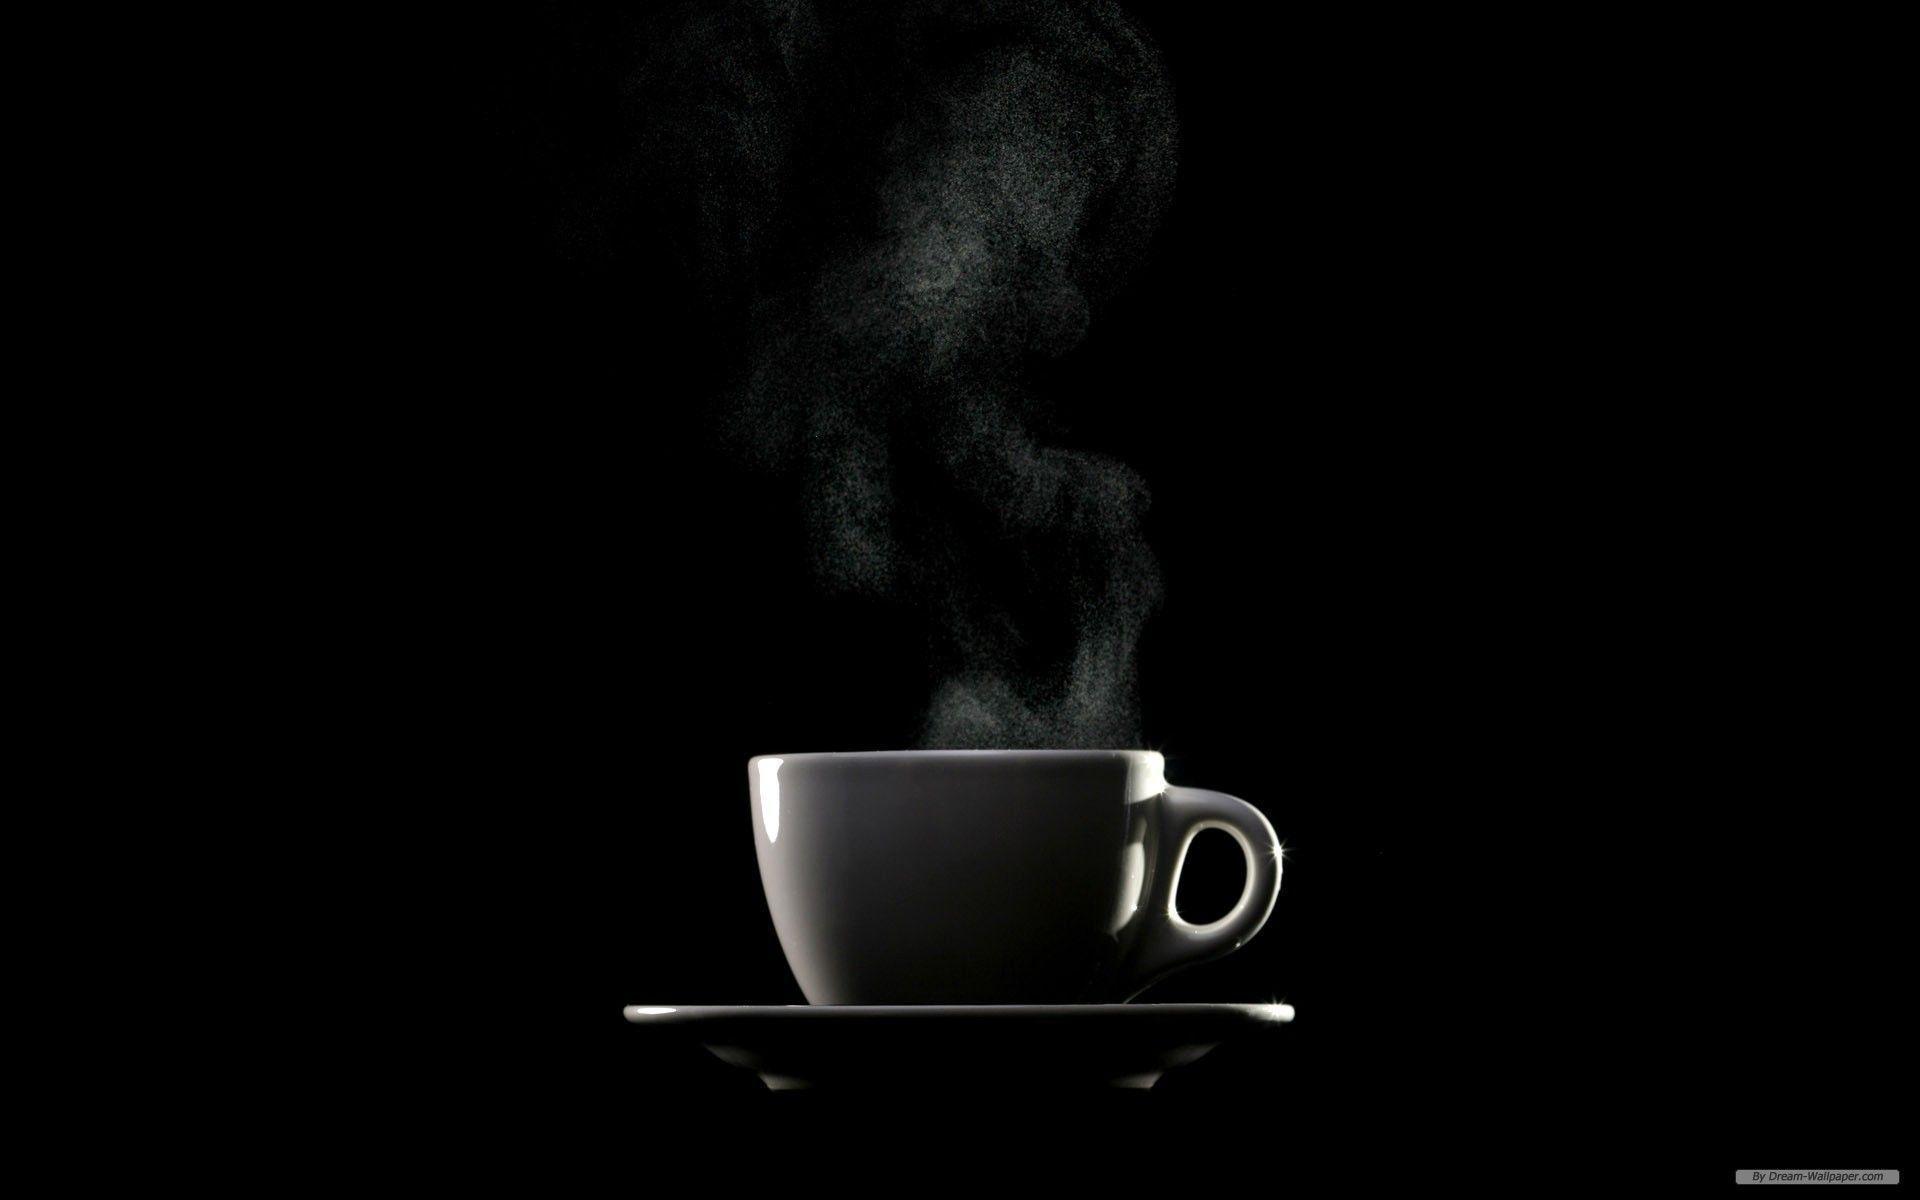 hình ảnh đẹp của ly cafe